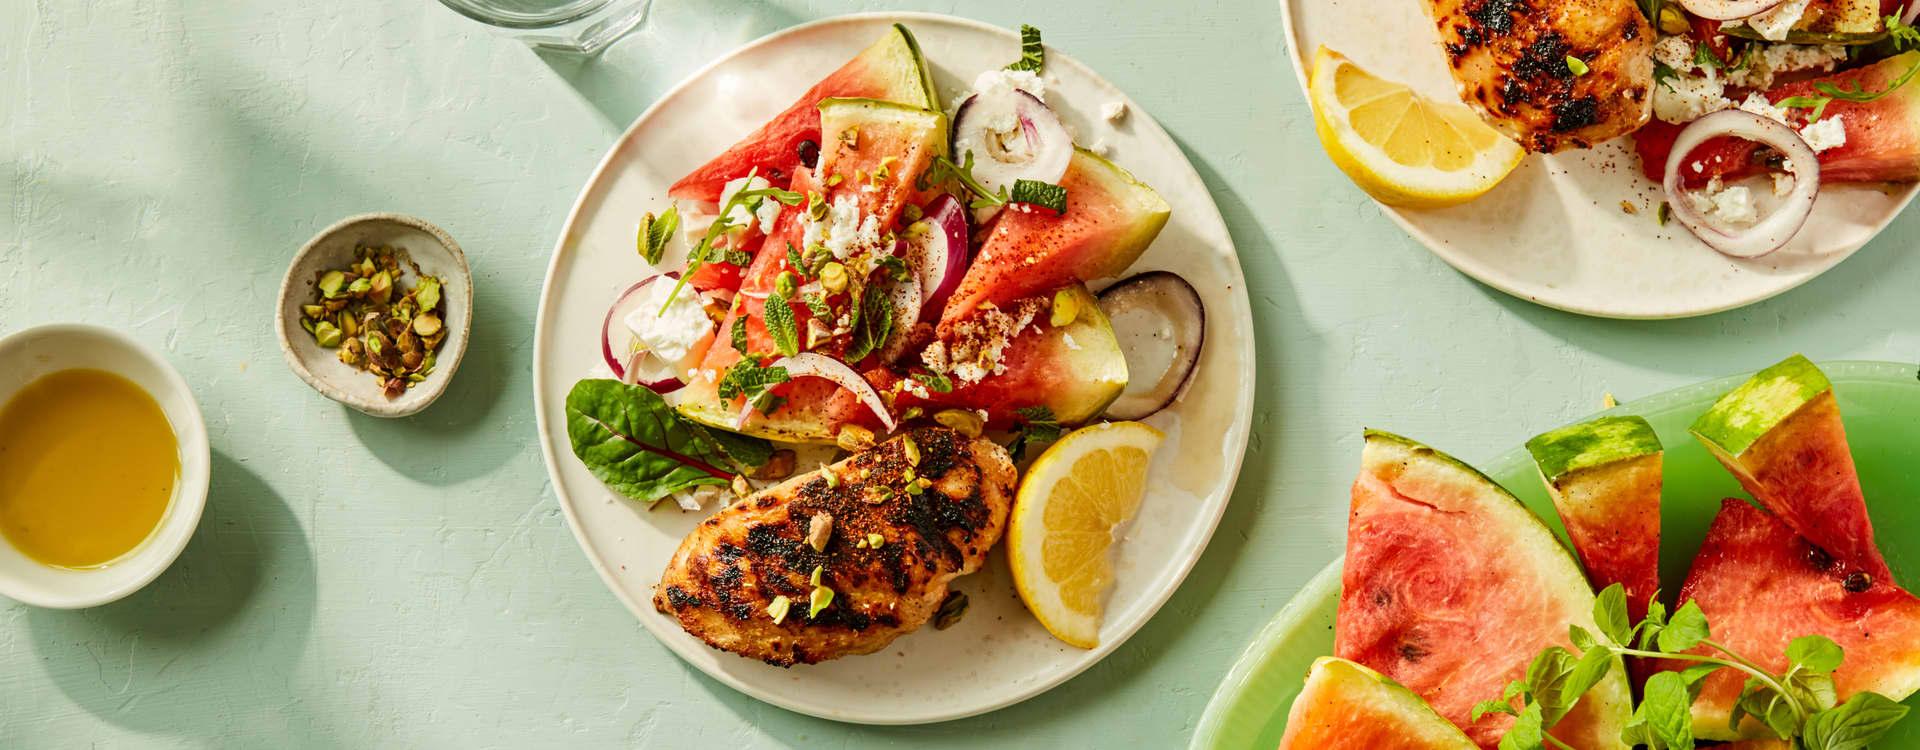 Kylling med grillet vannmelon og salat